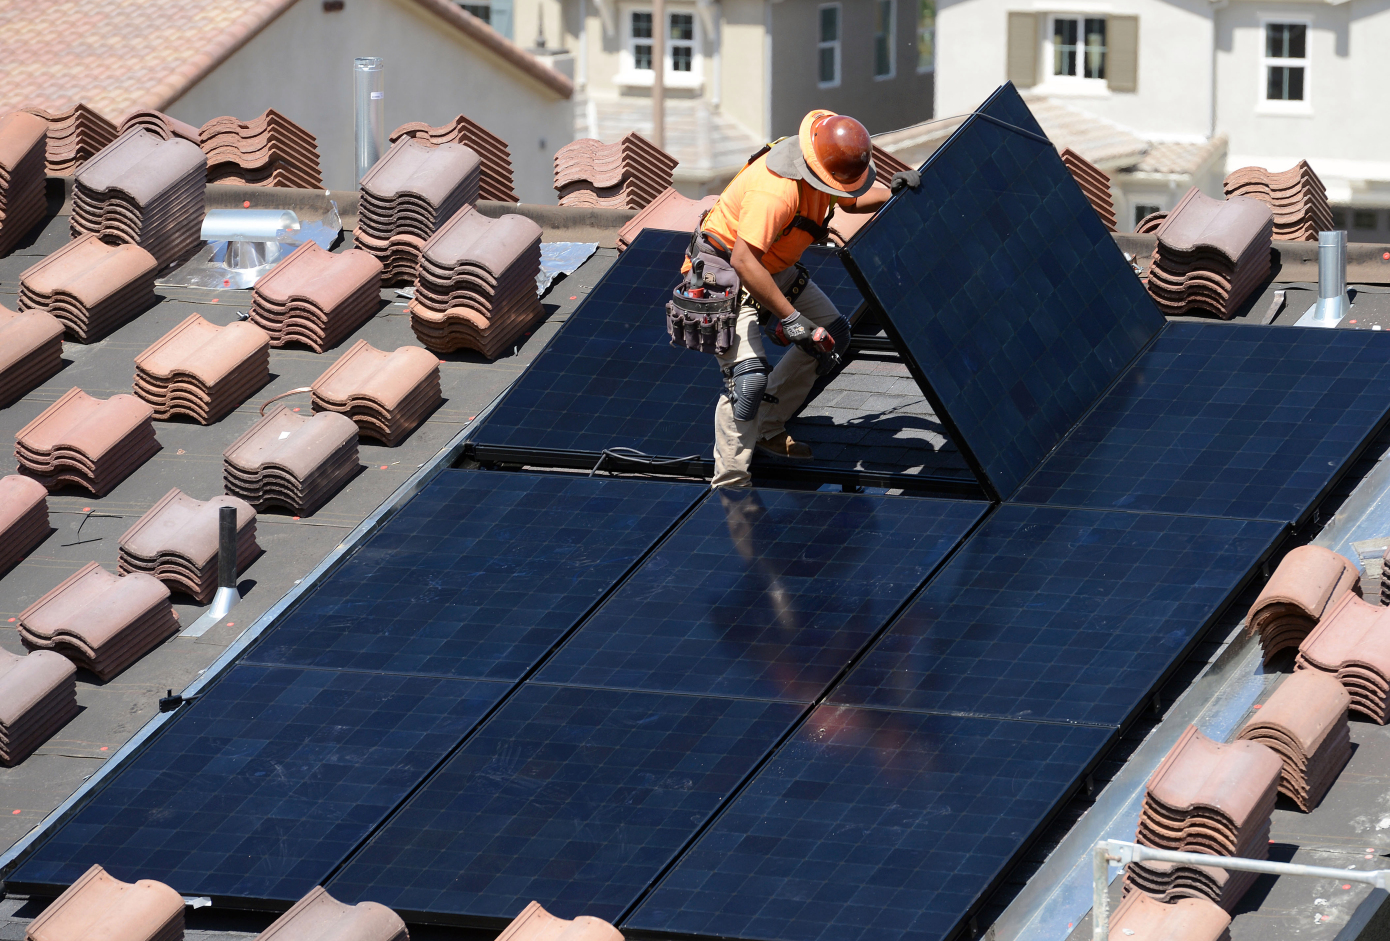 Solar lending company Loanpal raises $800 million